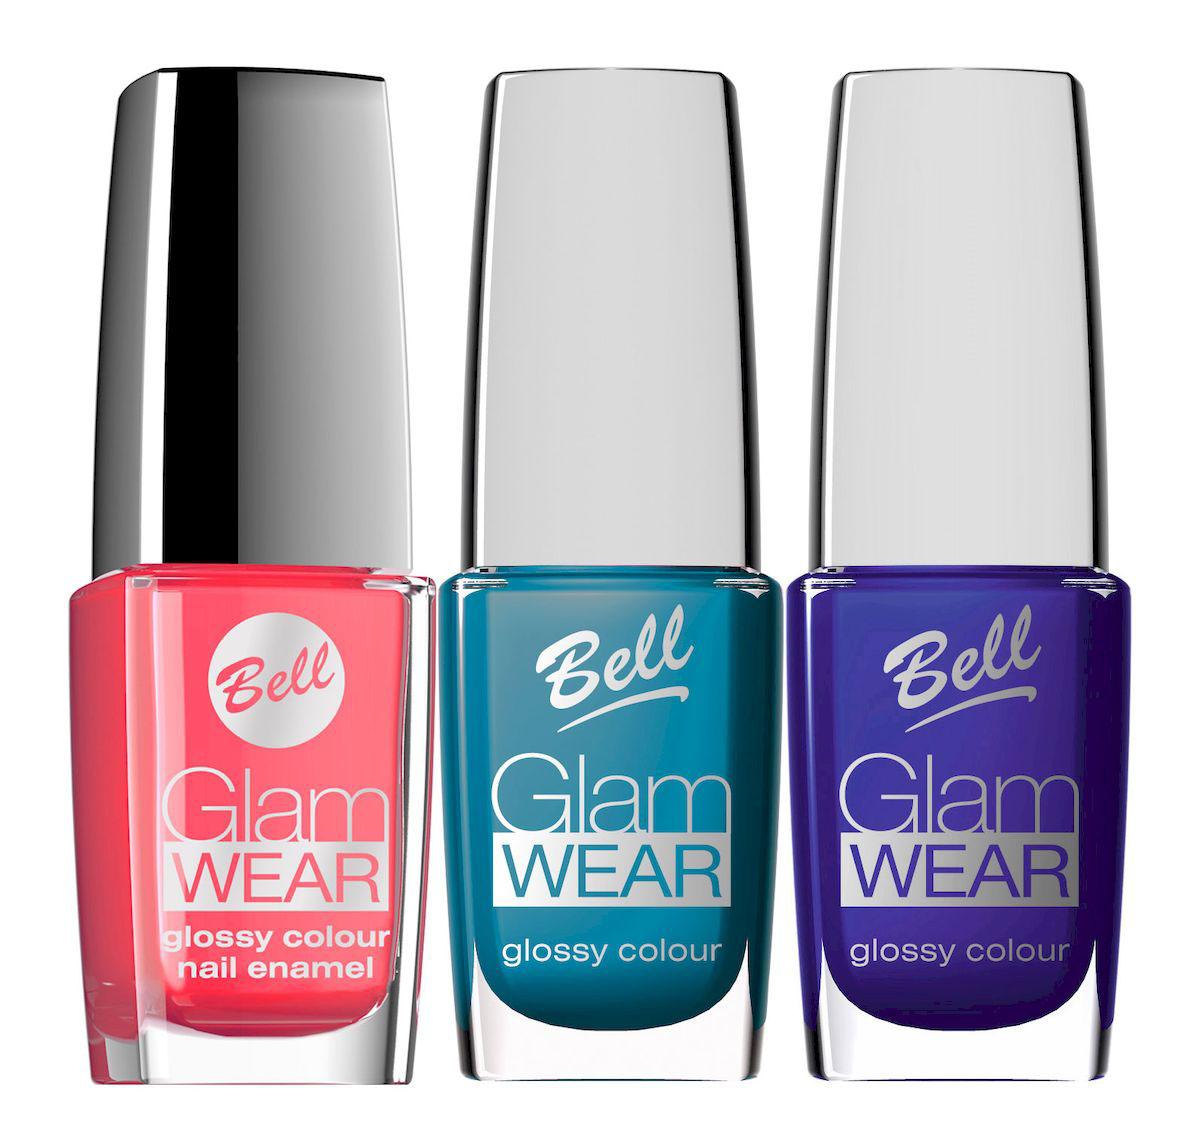 Bell Набор устойчивых лаков для ногтей с глянцевым эффектом Glam Wear Nail: тон №508, тон №513, тон №520, 30 млBsp27Устойчивый лак для ногтей.